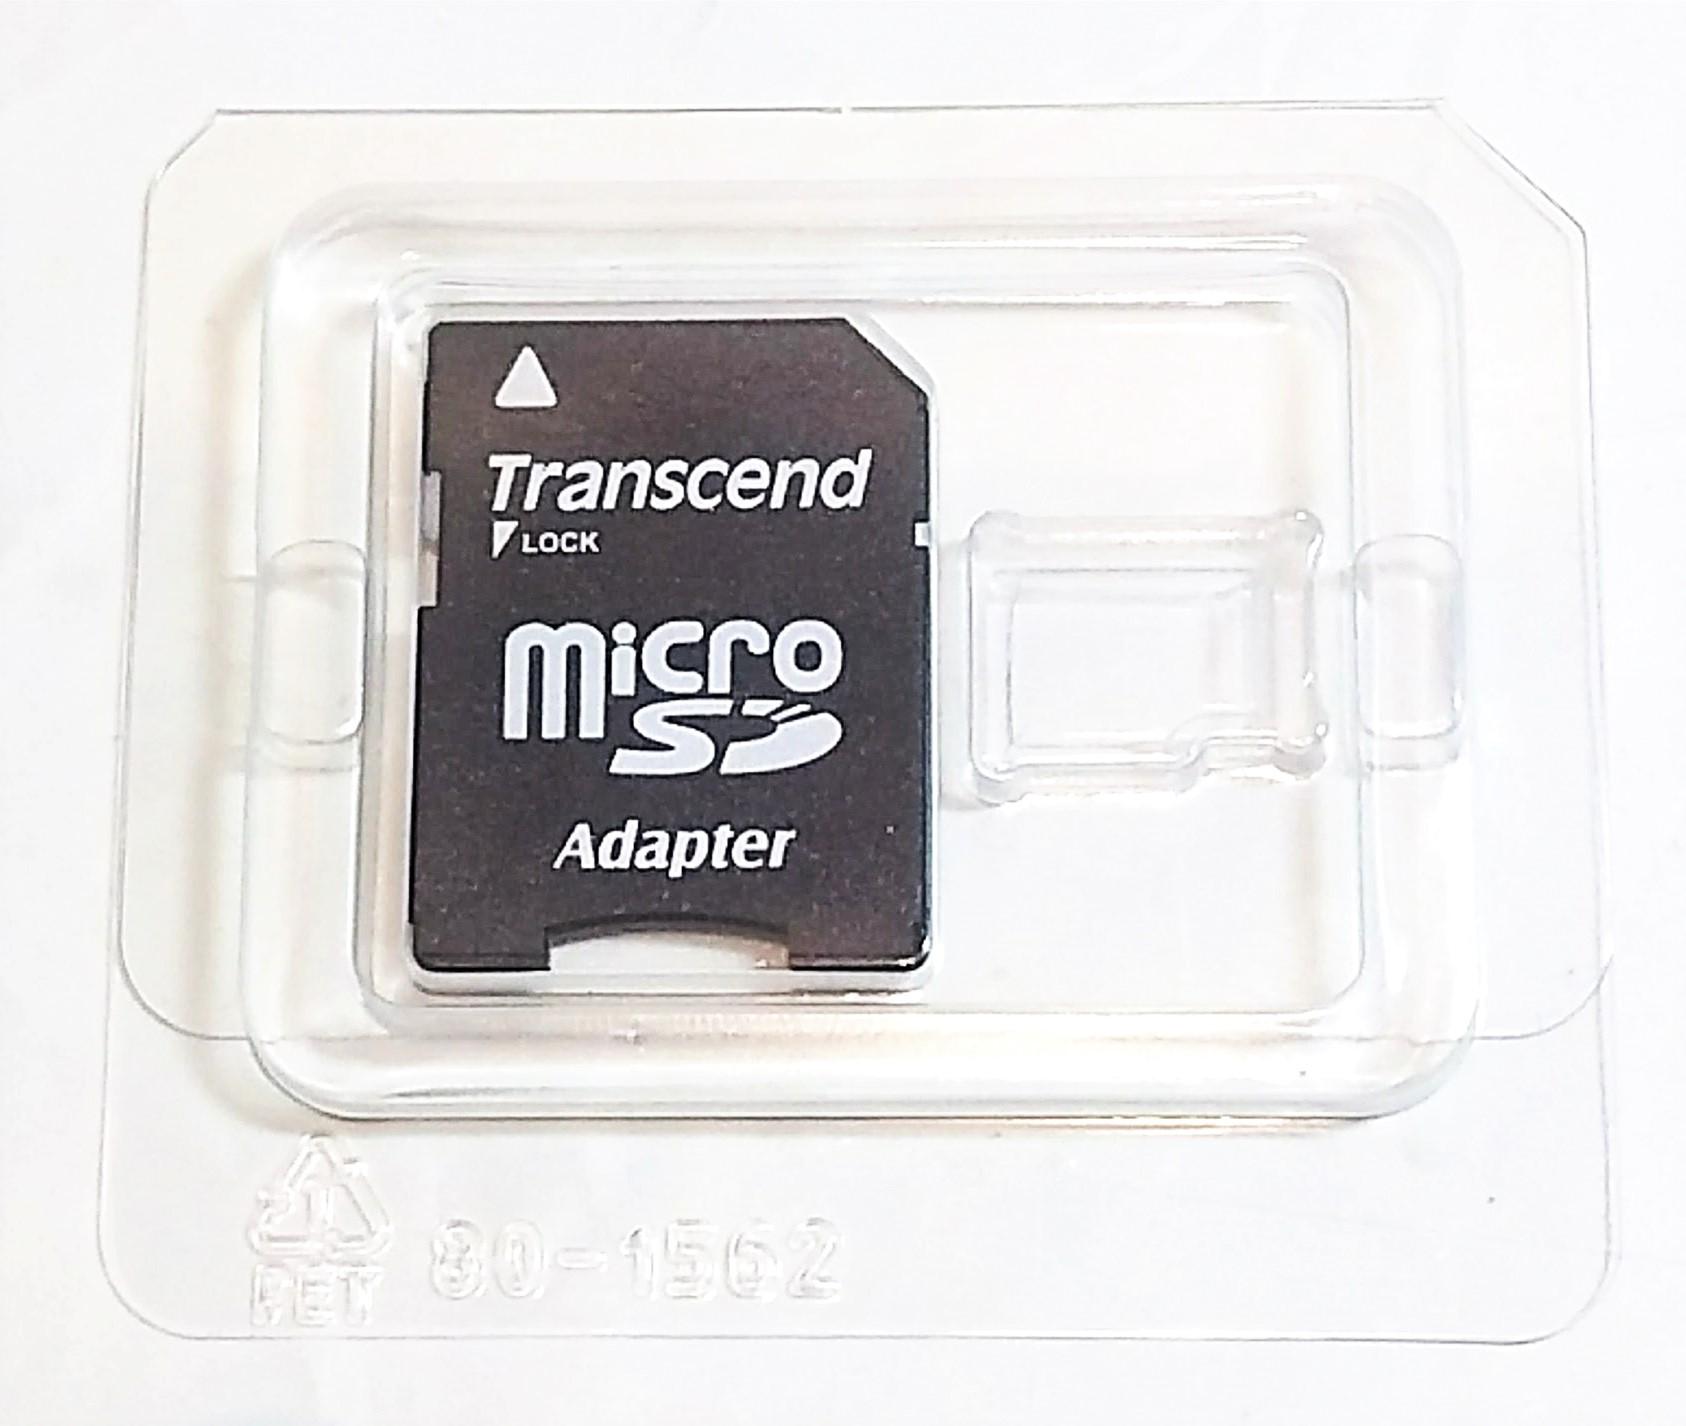 売却 SDカードには必需品 microSDカードからSDカードに変換アダプタ 流行のアイテム 送料94円 透明パッケージ付き